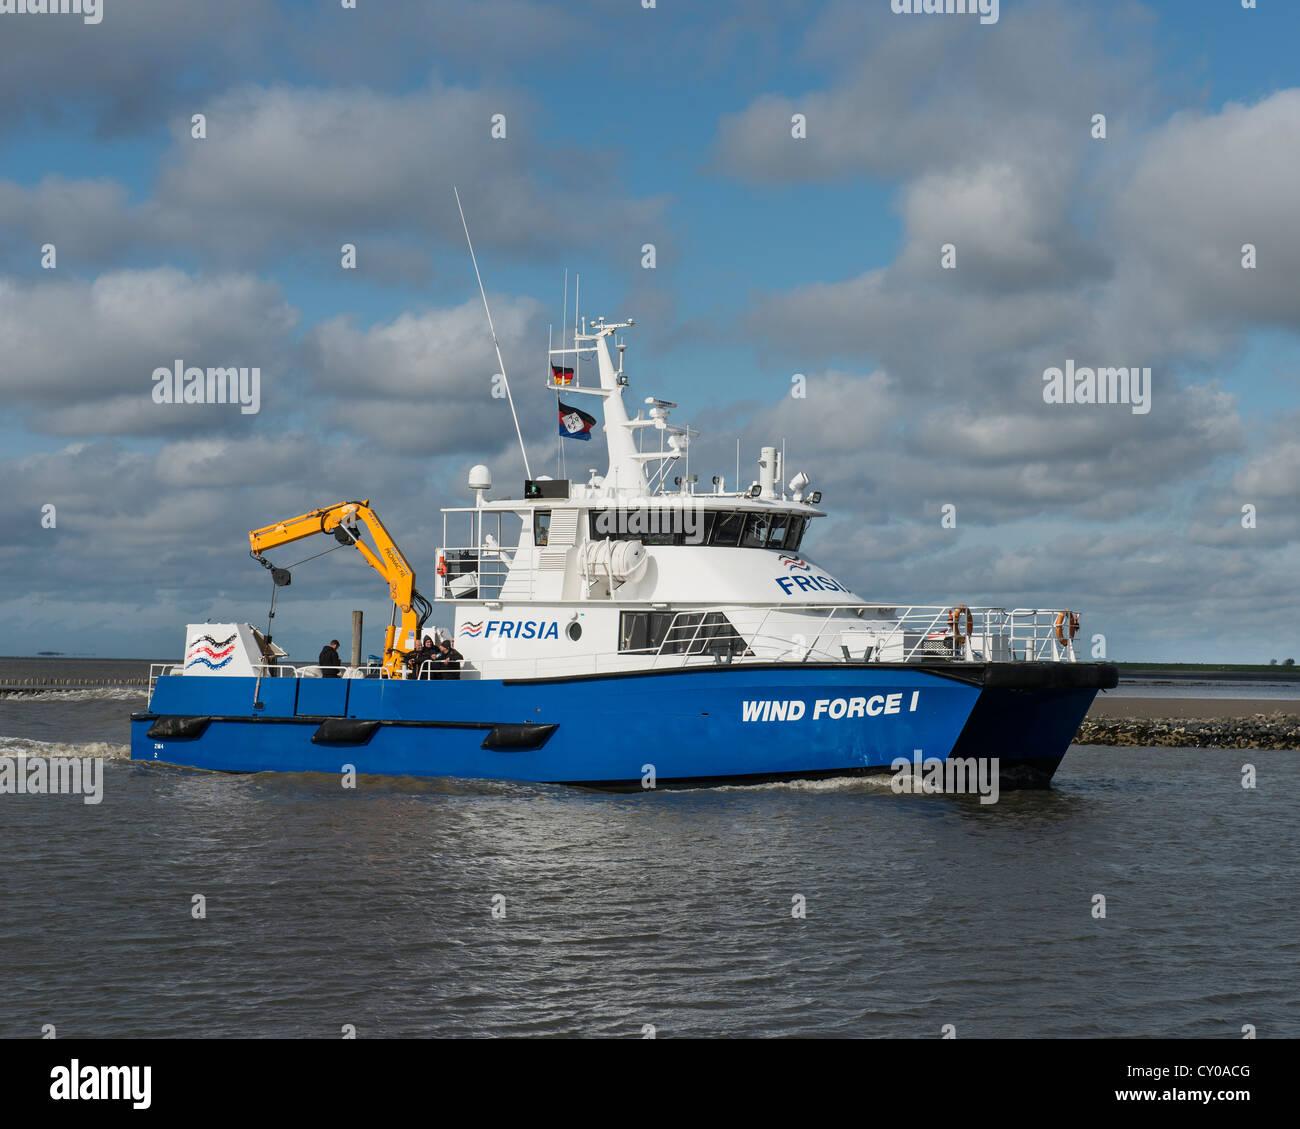 """""""Vento forza I' catamarano offshore, recipiente di trasporto per persone e merci alla offshore wind farm Immagini Stock"""